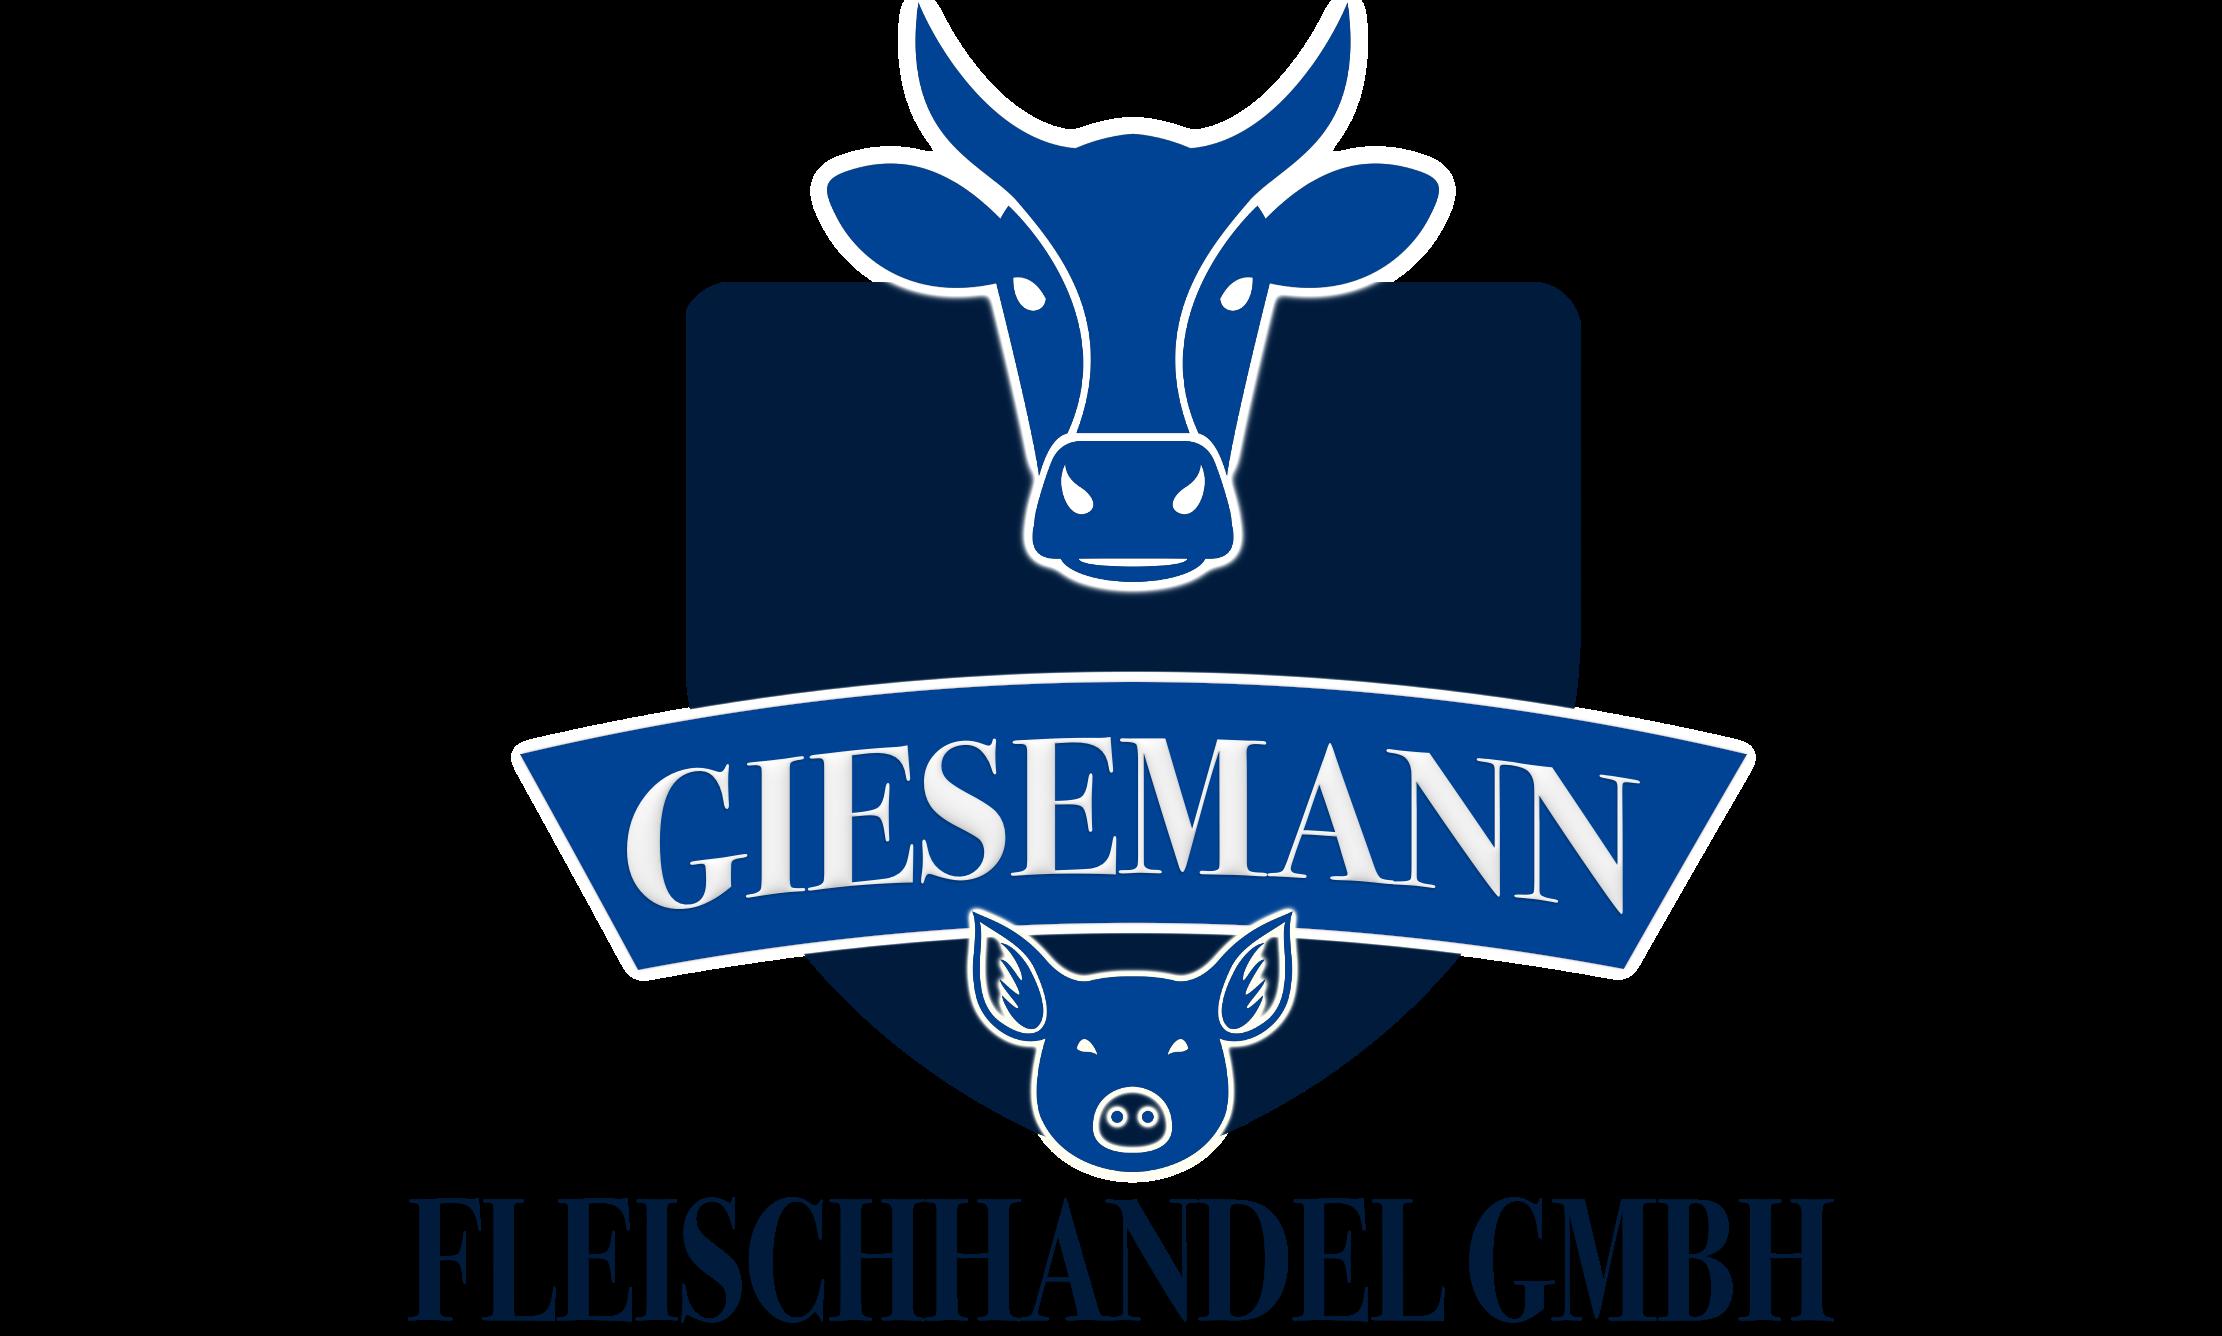 Giesemann Fleischhandel GmbH